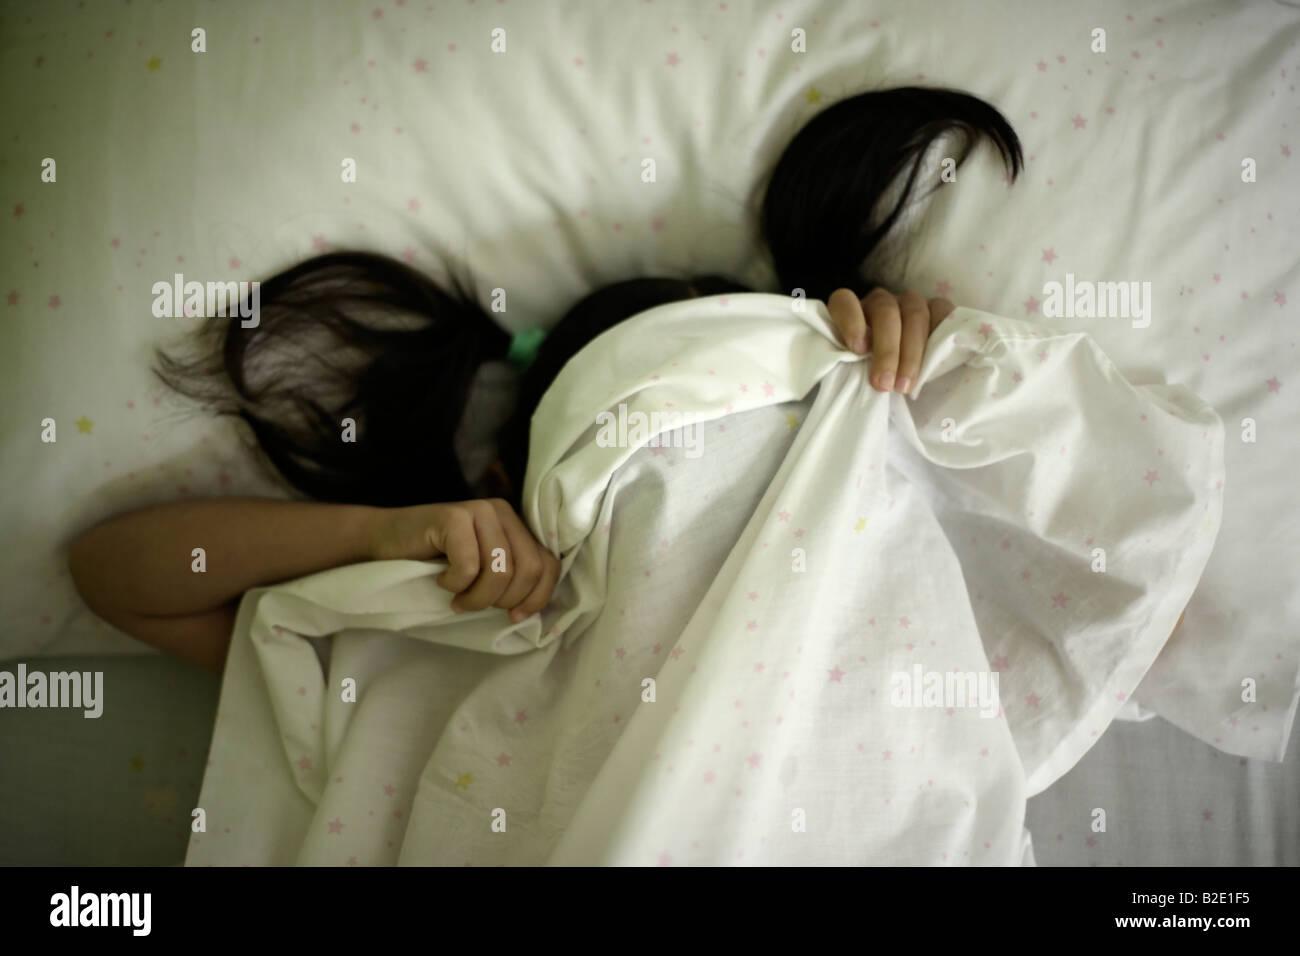 Fünf Jahre altes Mädchen versteckt sich unter Blätter nach Wutanfall Stockfoto